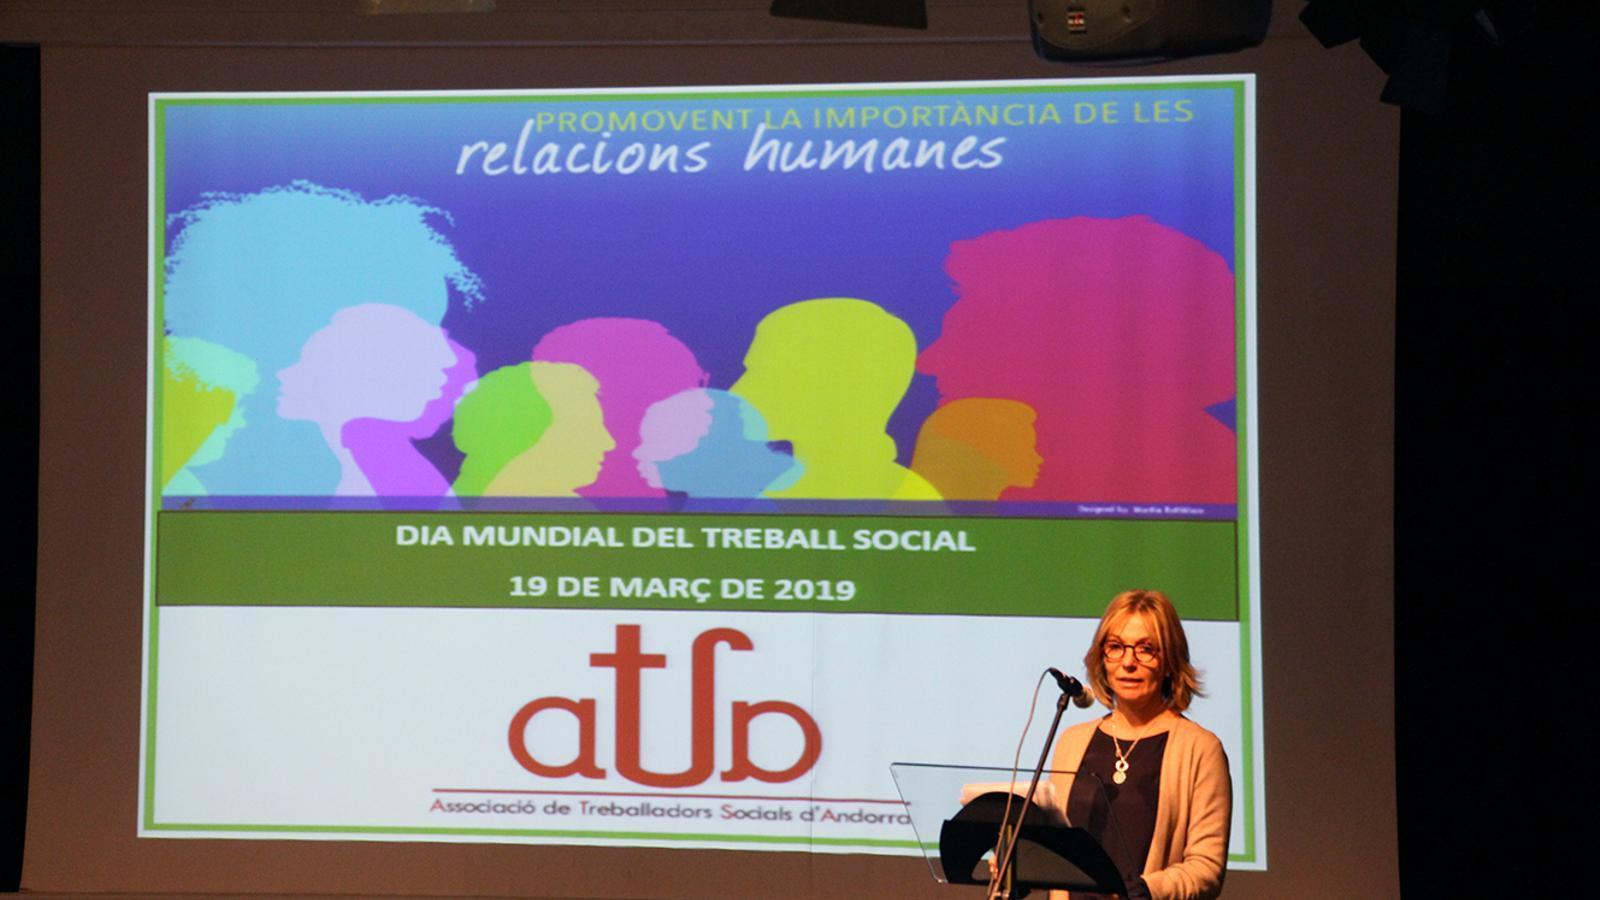 La secretària d'Estat d'Afers Socials i Ocupació, Ester Fenoll, durant l'acte de celebració del Dia mundial del treball social. / M. M. (ANA)